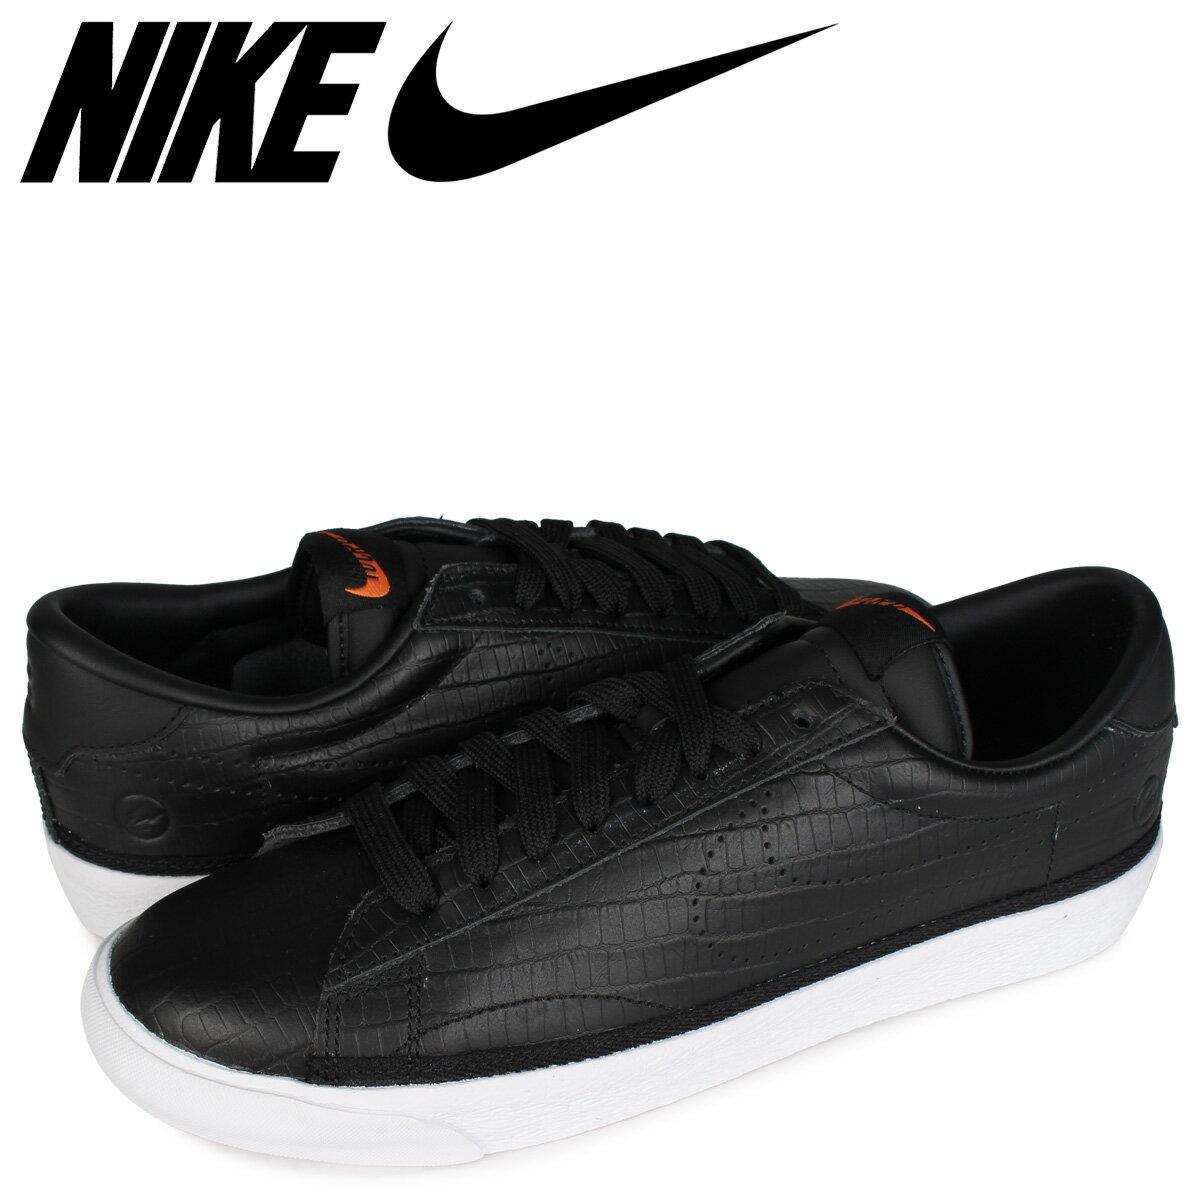 メンズ靴, スニーカー 2000OFF NIKE AIR ZOOM TENNIS CLASSIC AC FRAGMENT 857953-001